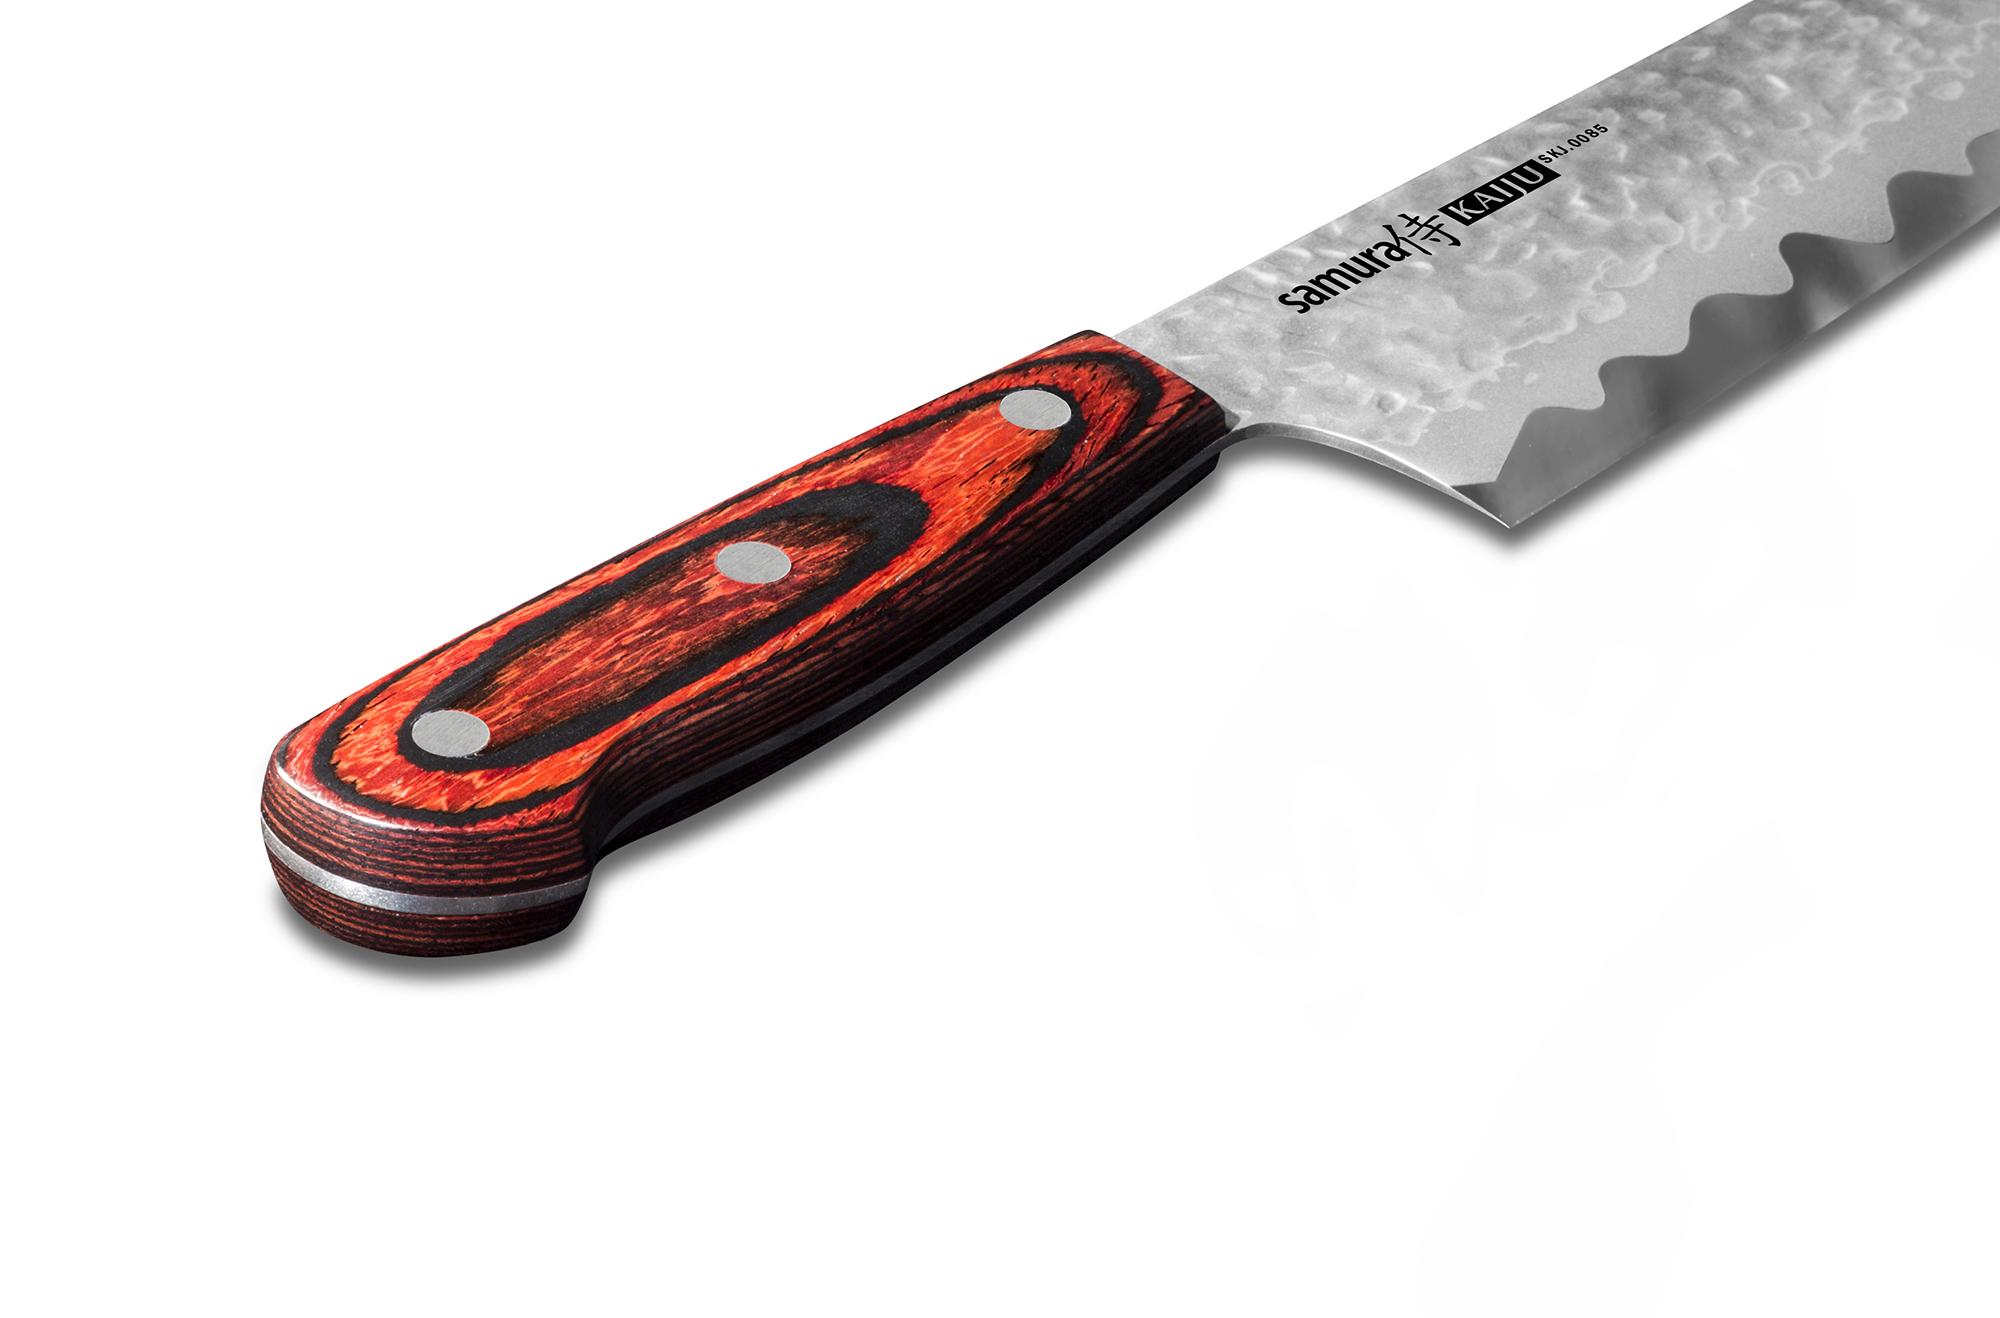 Фото 5 - Нож кухонный Samura KAIJU Шеф - SKJ-0085, сталь AUS-8, рукоять дерево, 210 мм